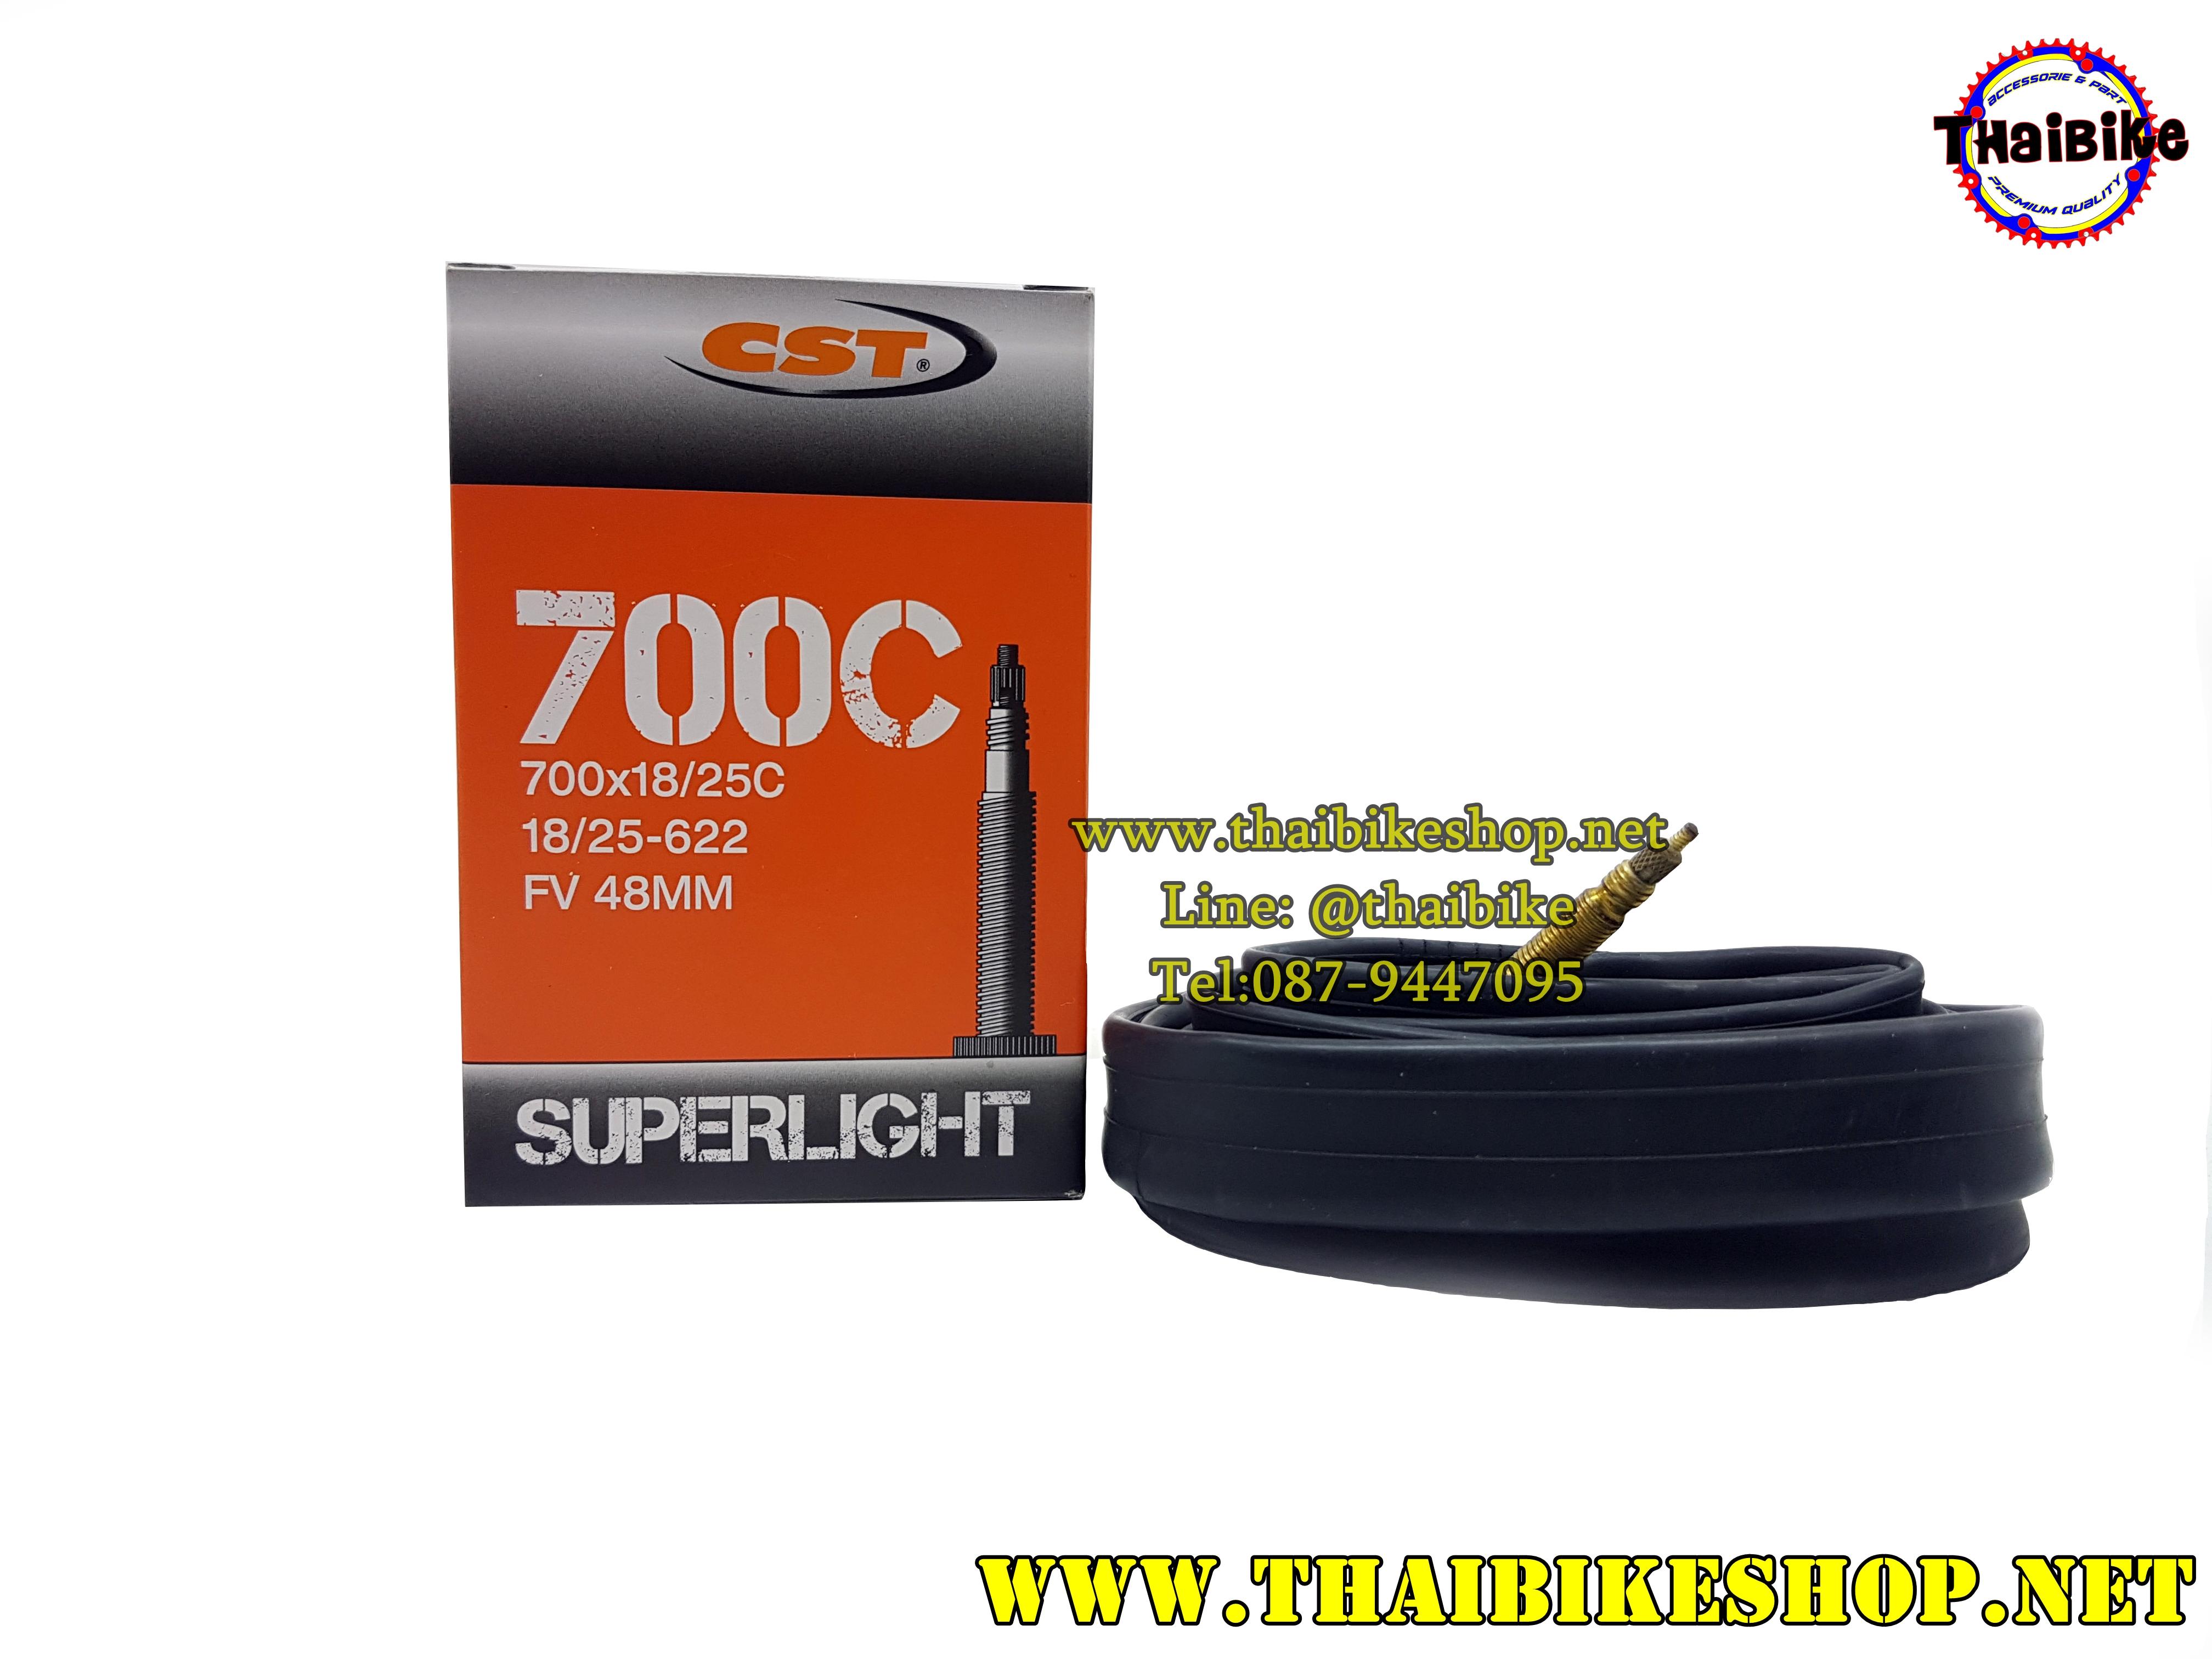 ยางใน CST SUPERLIGHT 700*18/25C 18/25-622 FV 48MM